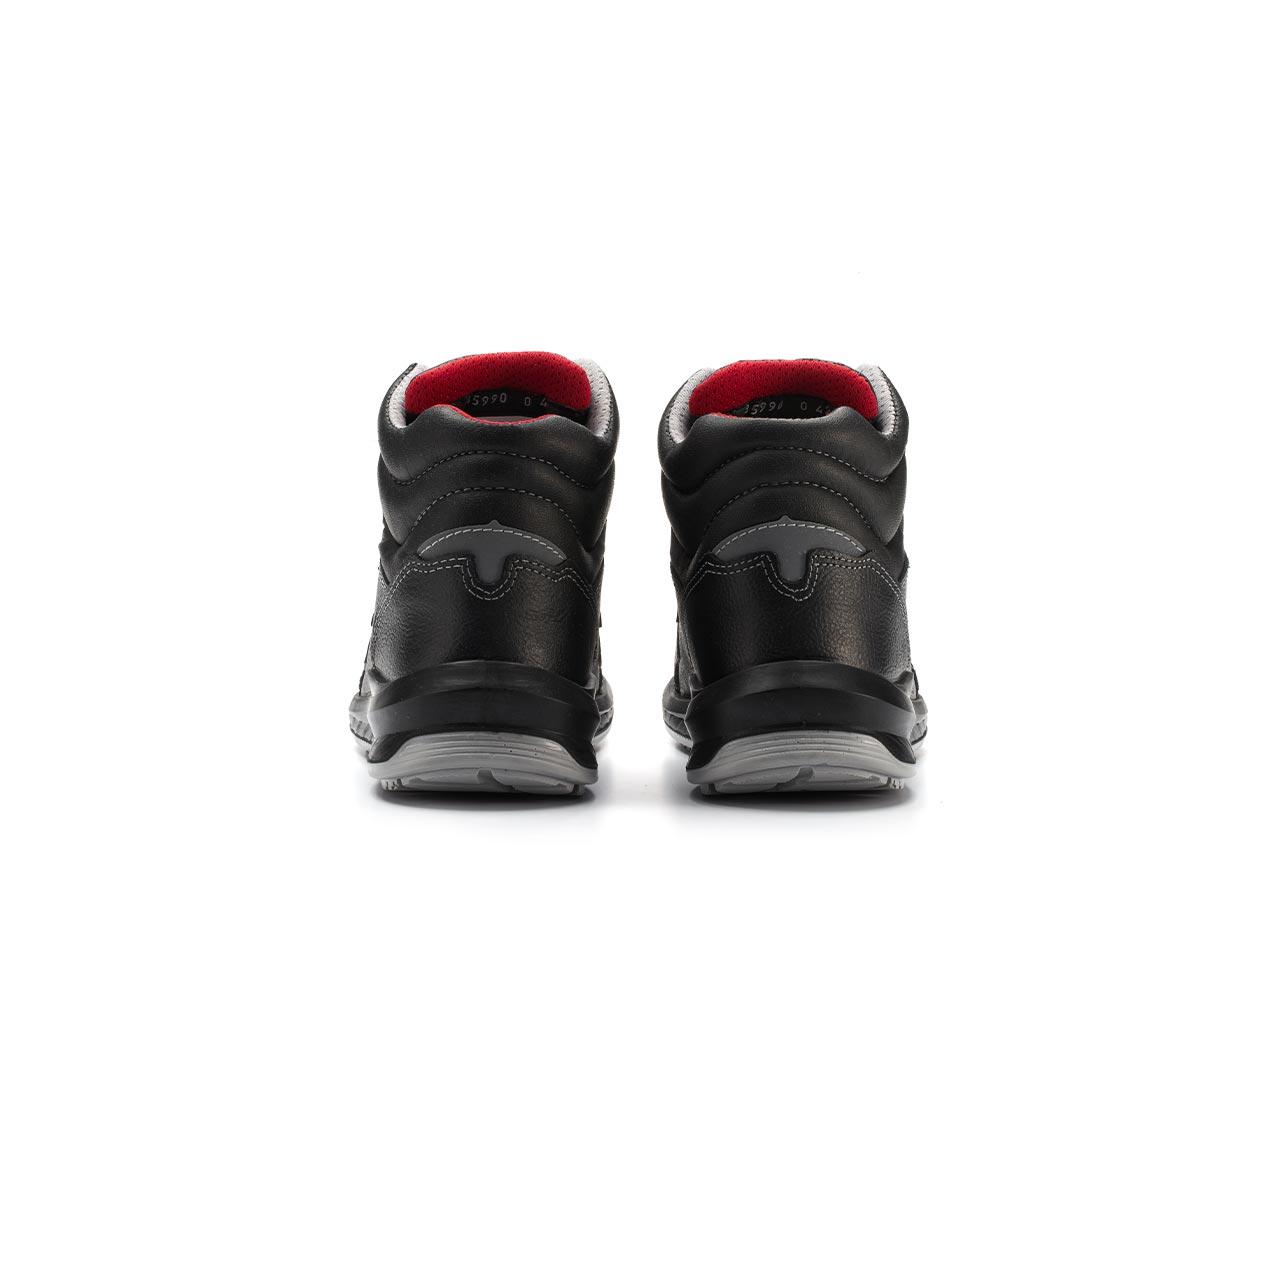 paio di scarpe antinfortunistiche alte upower modello boston linea redindustry vista retro